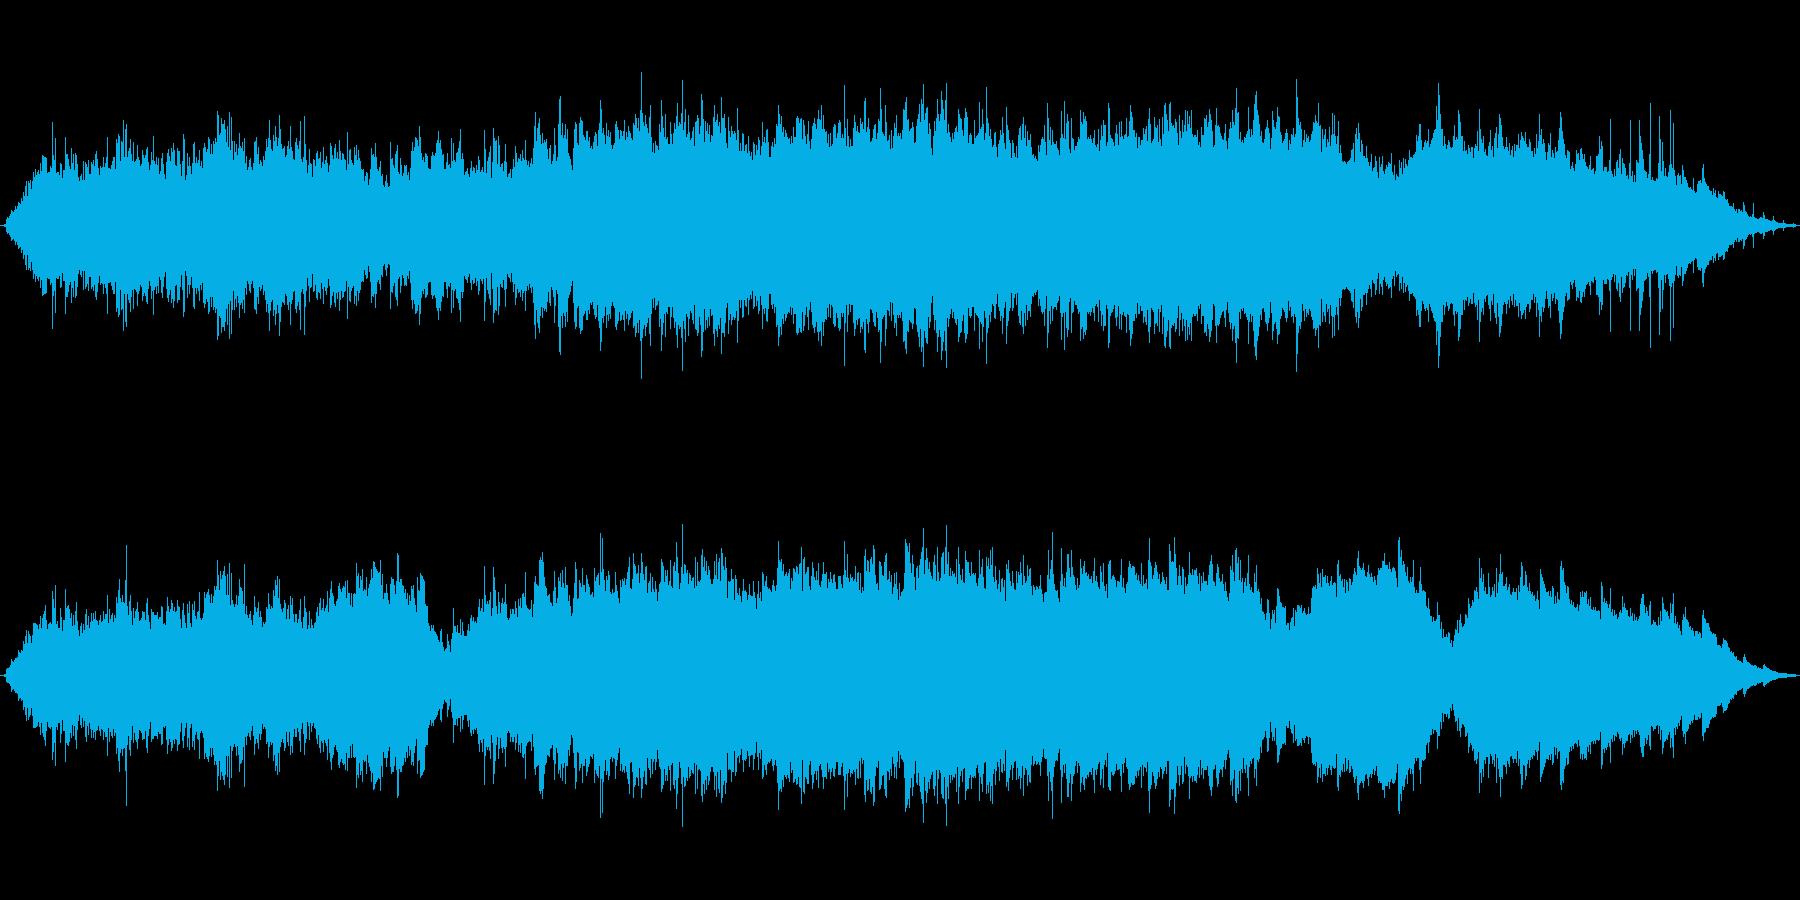 奇妙な音が沢山入った、ホーラ風の曲です。の再生済みの波形